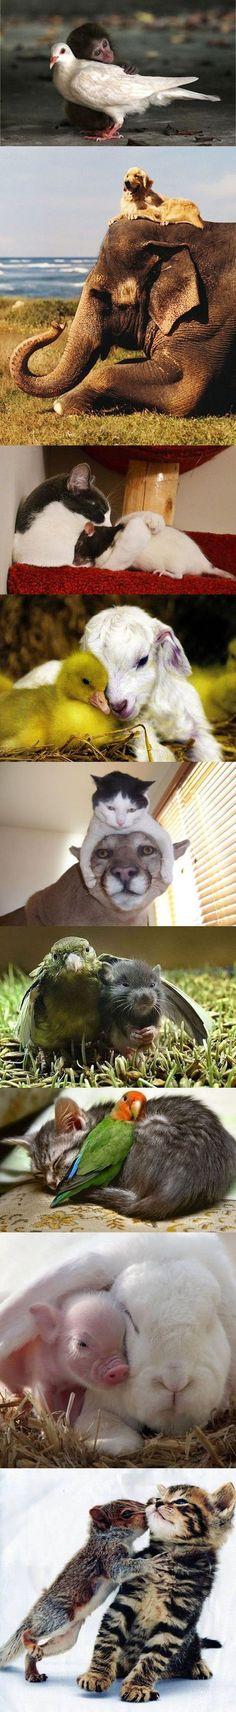 Die ungewöhnlichsten Tierfreundschaften | Webfail - Fail Bilder und Fail Videos: